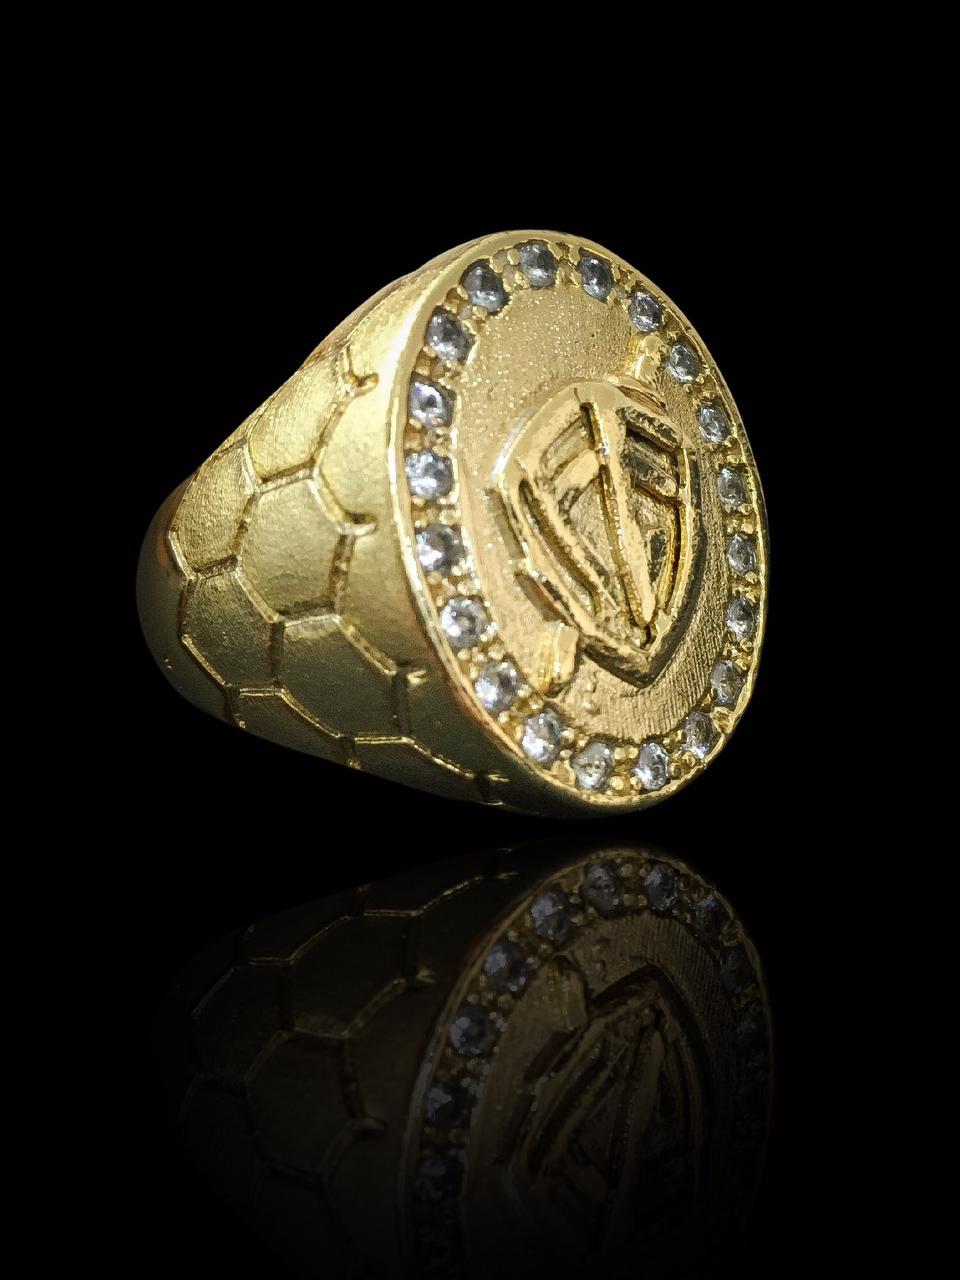 Anel masculino - Oval com Escudo da Fé - Borda cravejada de Zircônia - Detalhes nas laterais - banhado a ouro 18K -  13 g (prazo de 7 dias para a fabricação  )